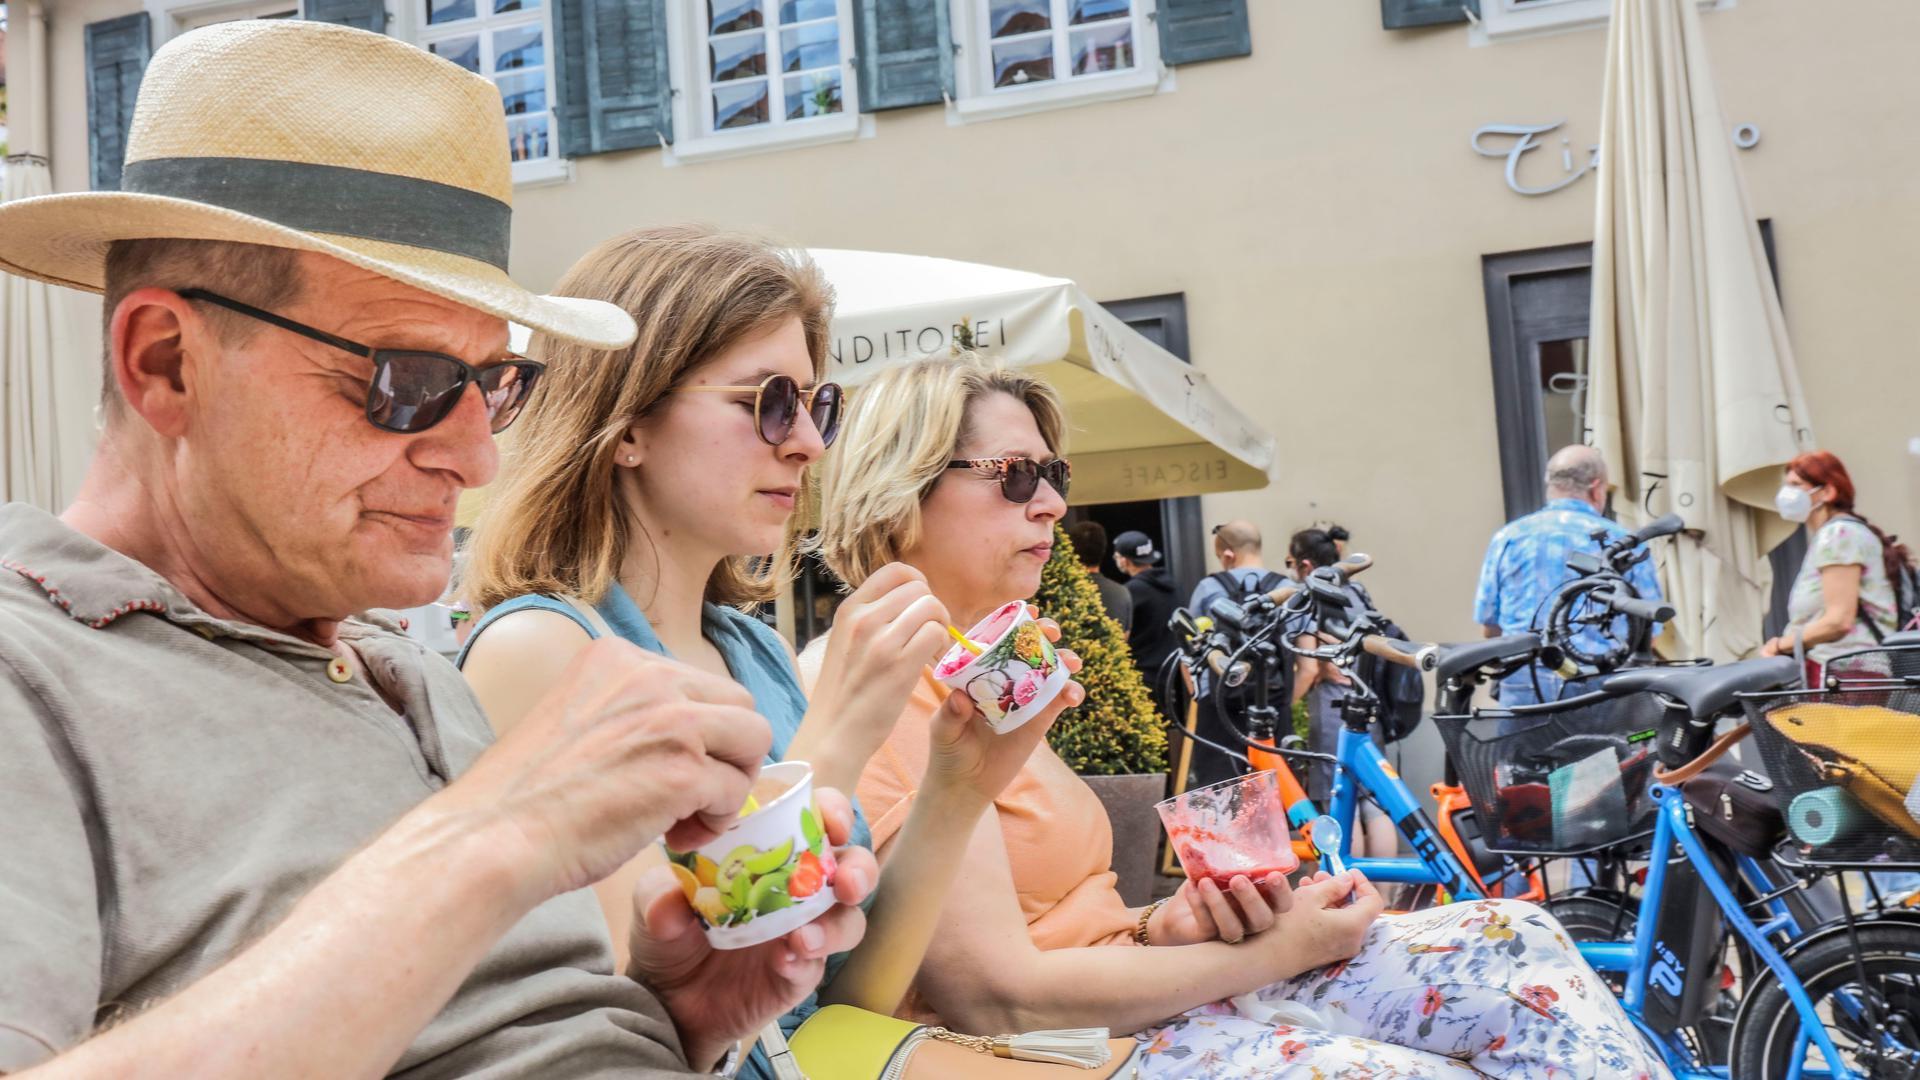 Ein Mann mit Hut und zwei Frauen mit Sonnenbrille löffeln Eis aus Eisbechern.